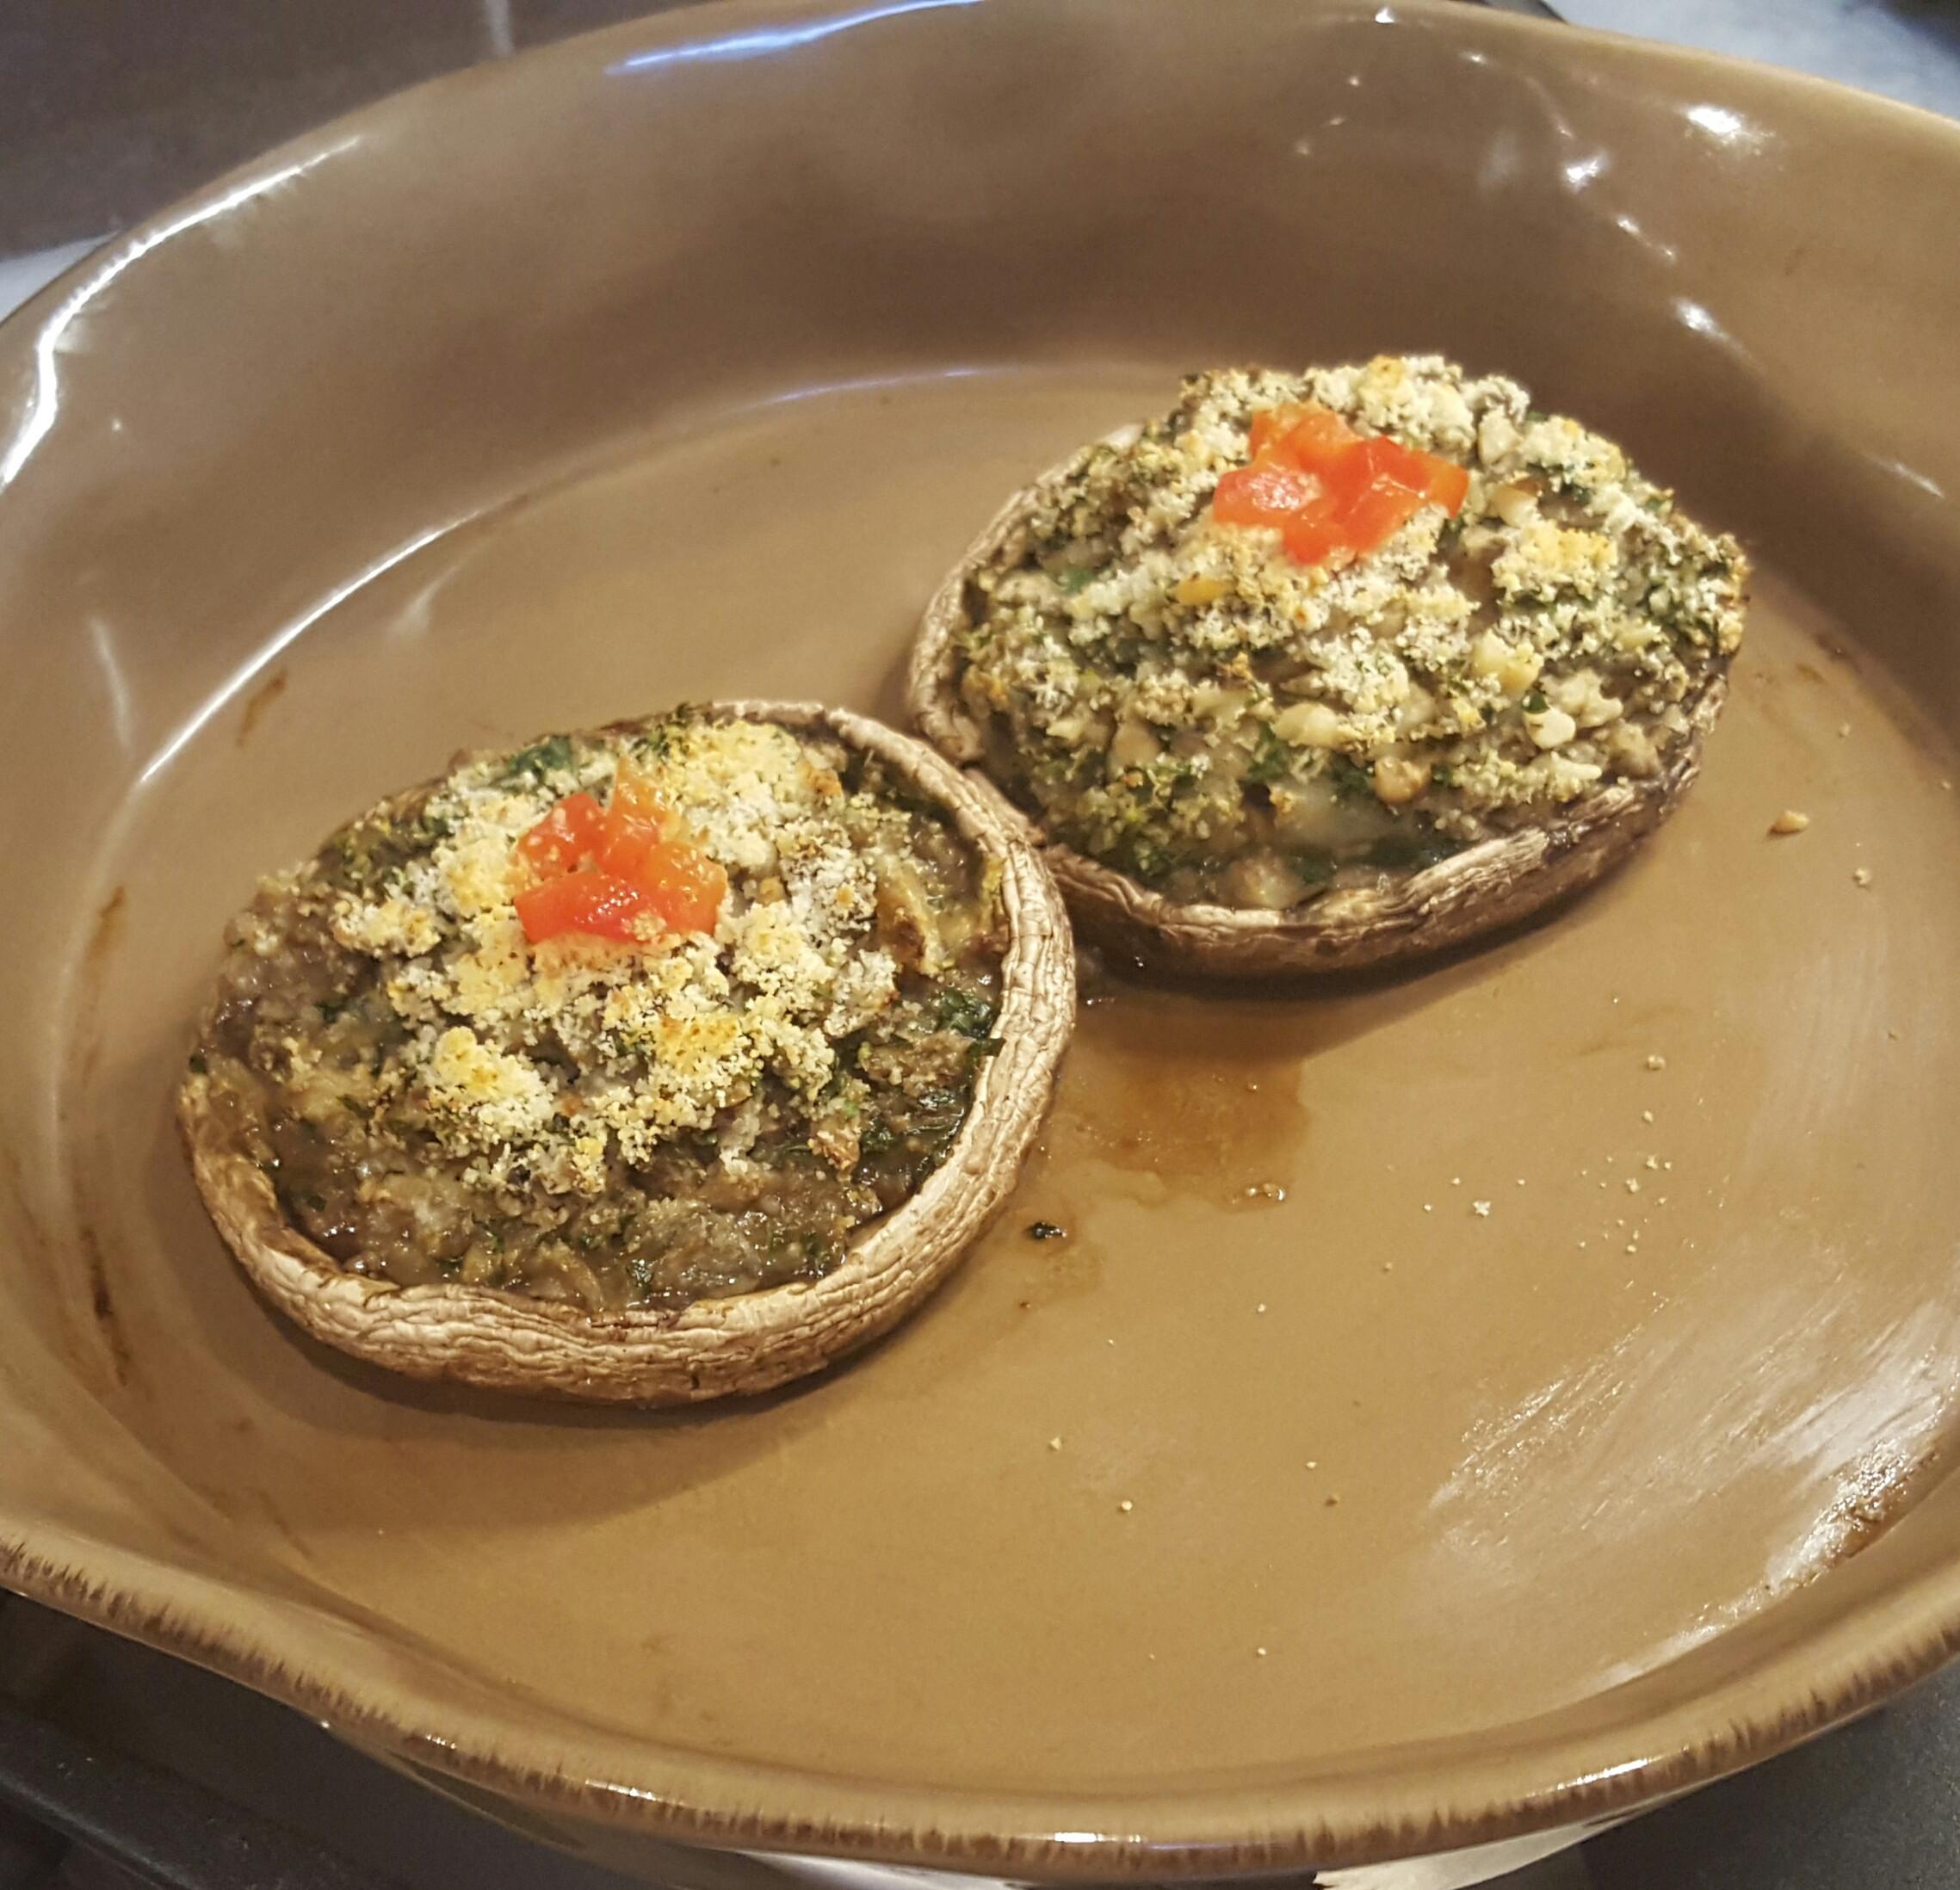 Low Calorie Portobello Mushroom Recipes  Low Calorie Stuffed Portobello Mushrooms